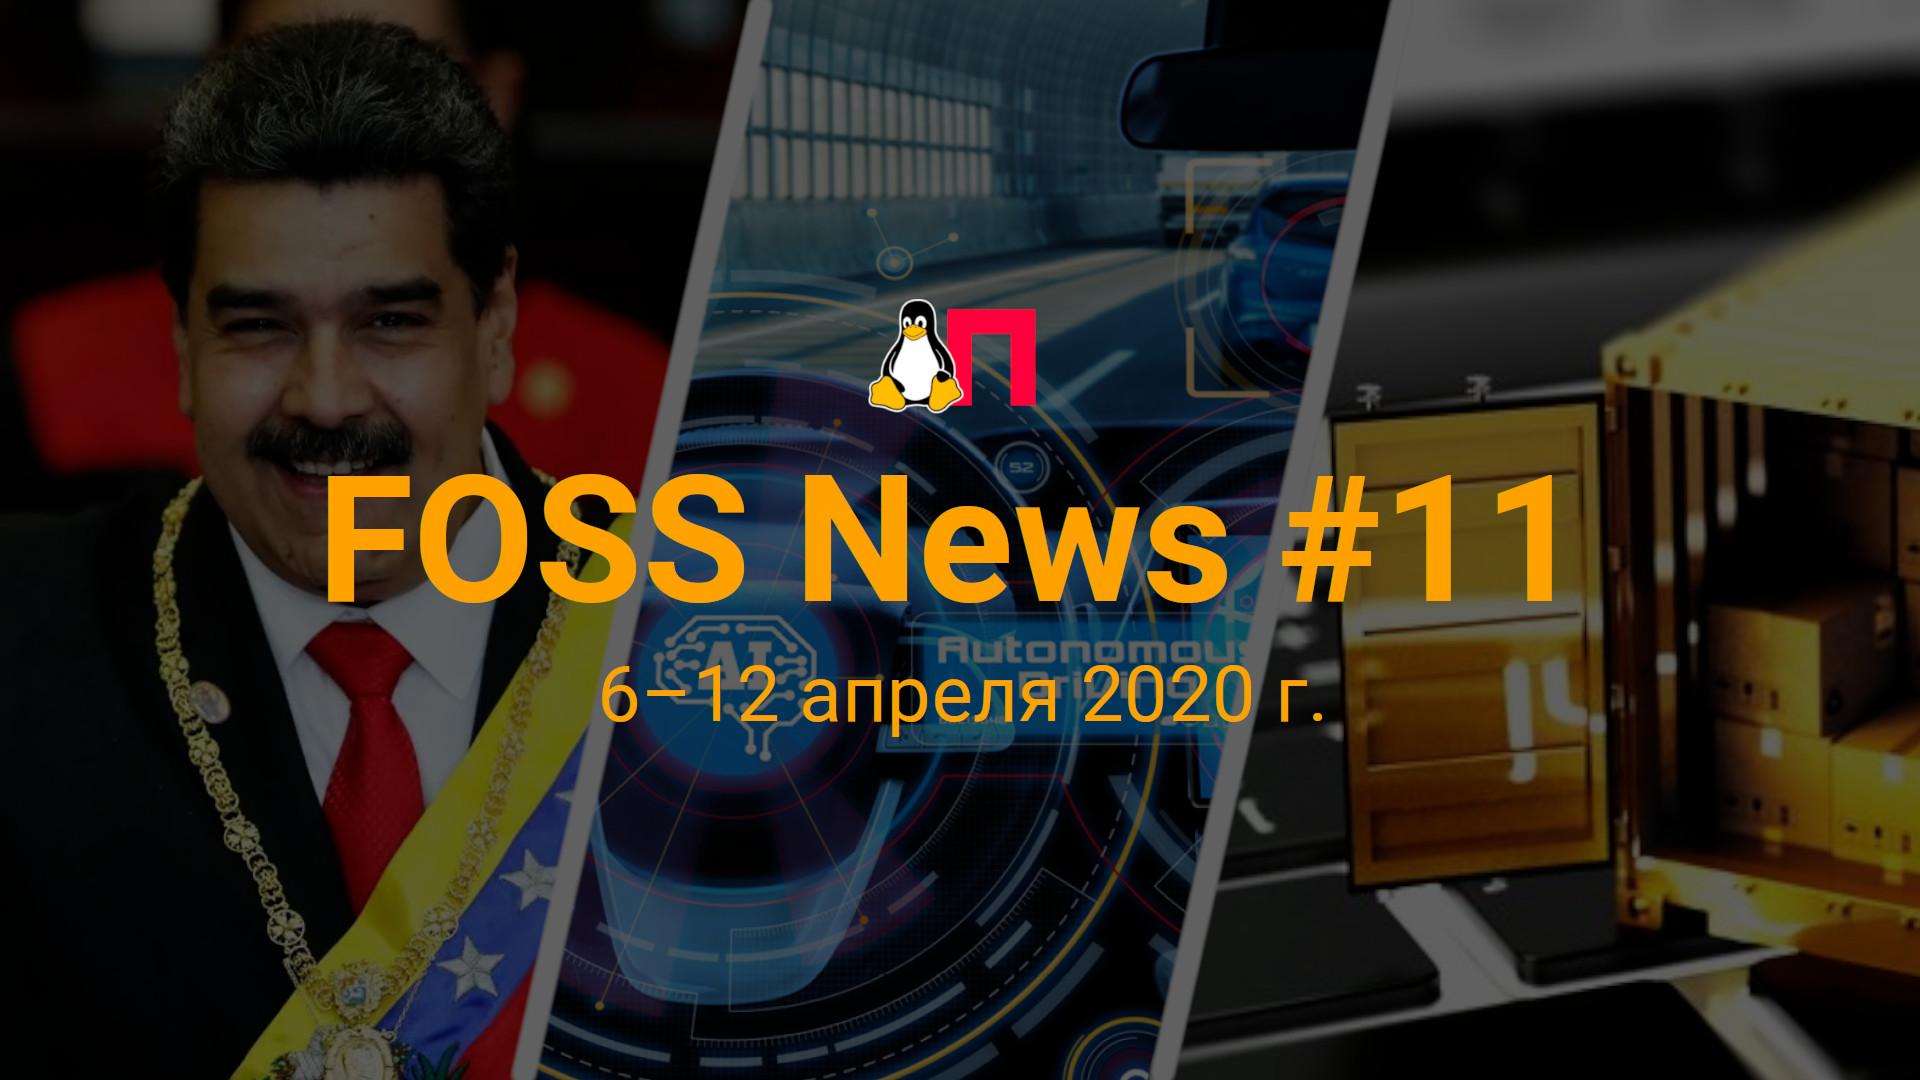 FOSS News №11 — обзор новостей свободного и открытого ПО за 6 — 12 апреля 2020 года — IT-МИР. ПОМОЩЬ В IT-МИРЕ 2021